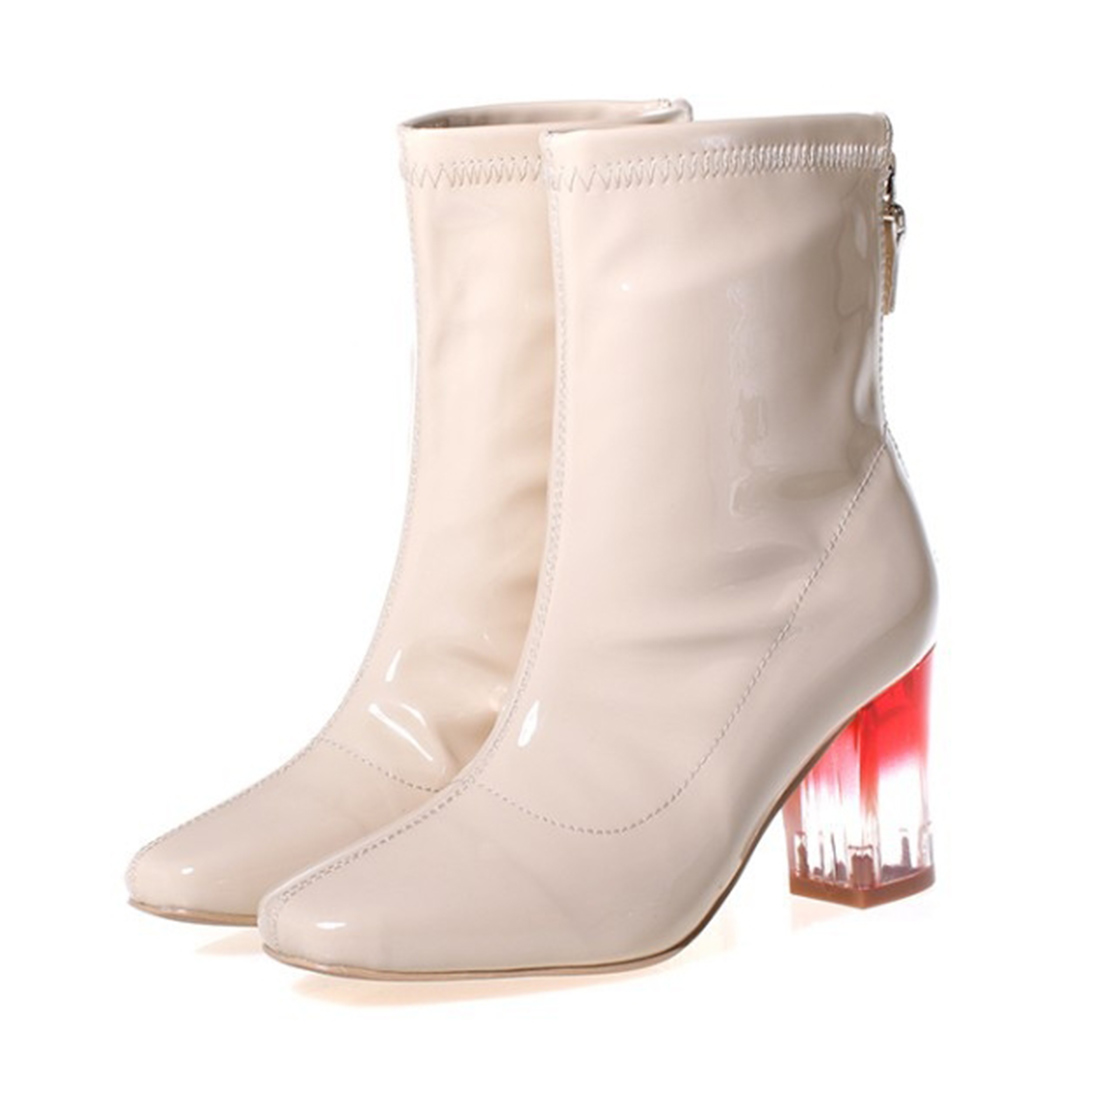 Online Get Cheap Pointed Toe High Heel Boots -Aliexpress.com